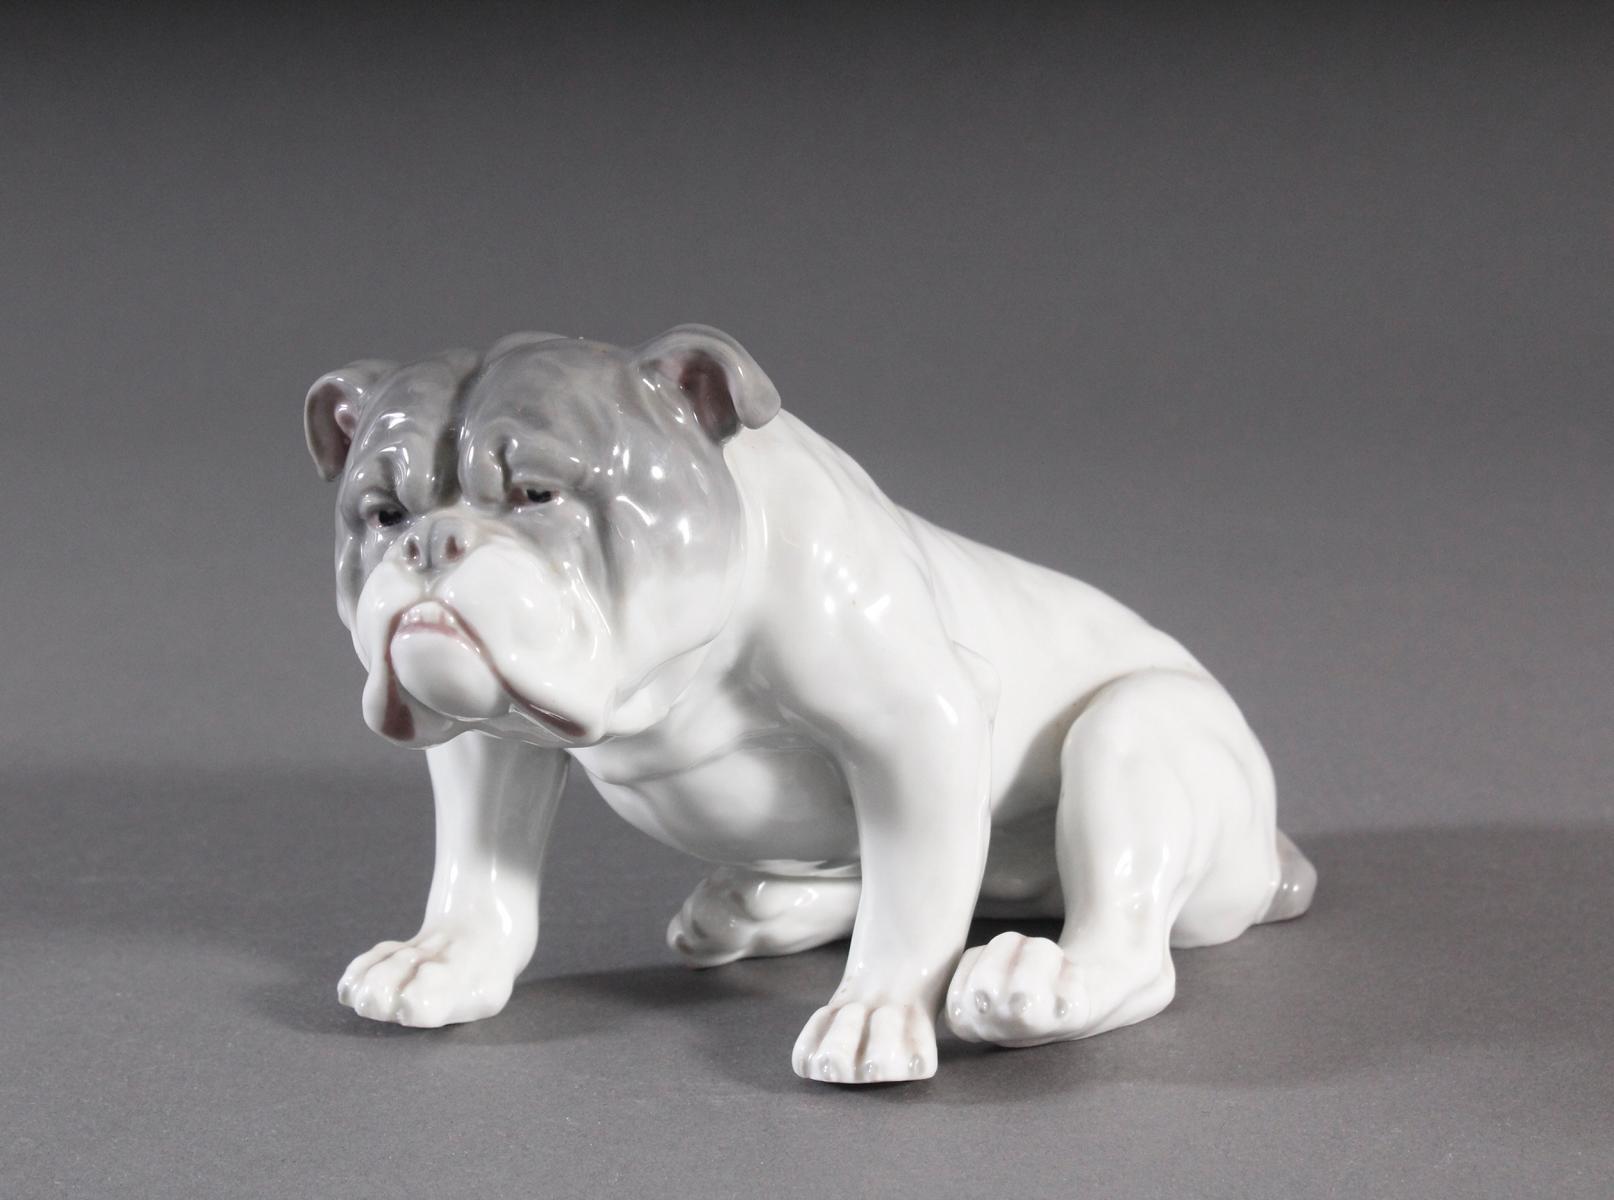 Bulldogge, Porzellanmanufaktur Heubach